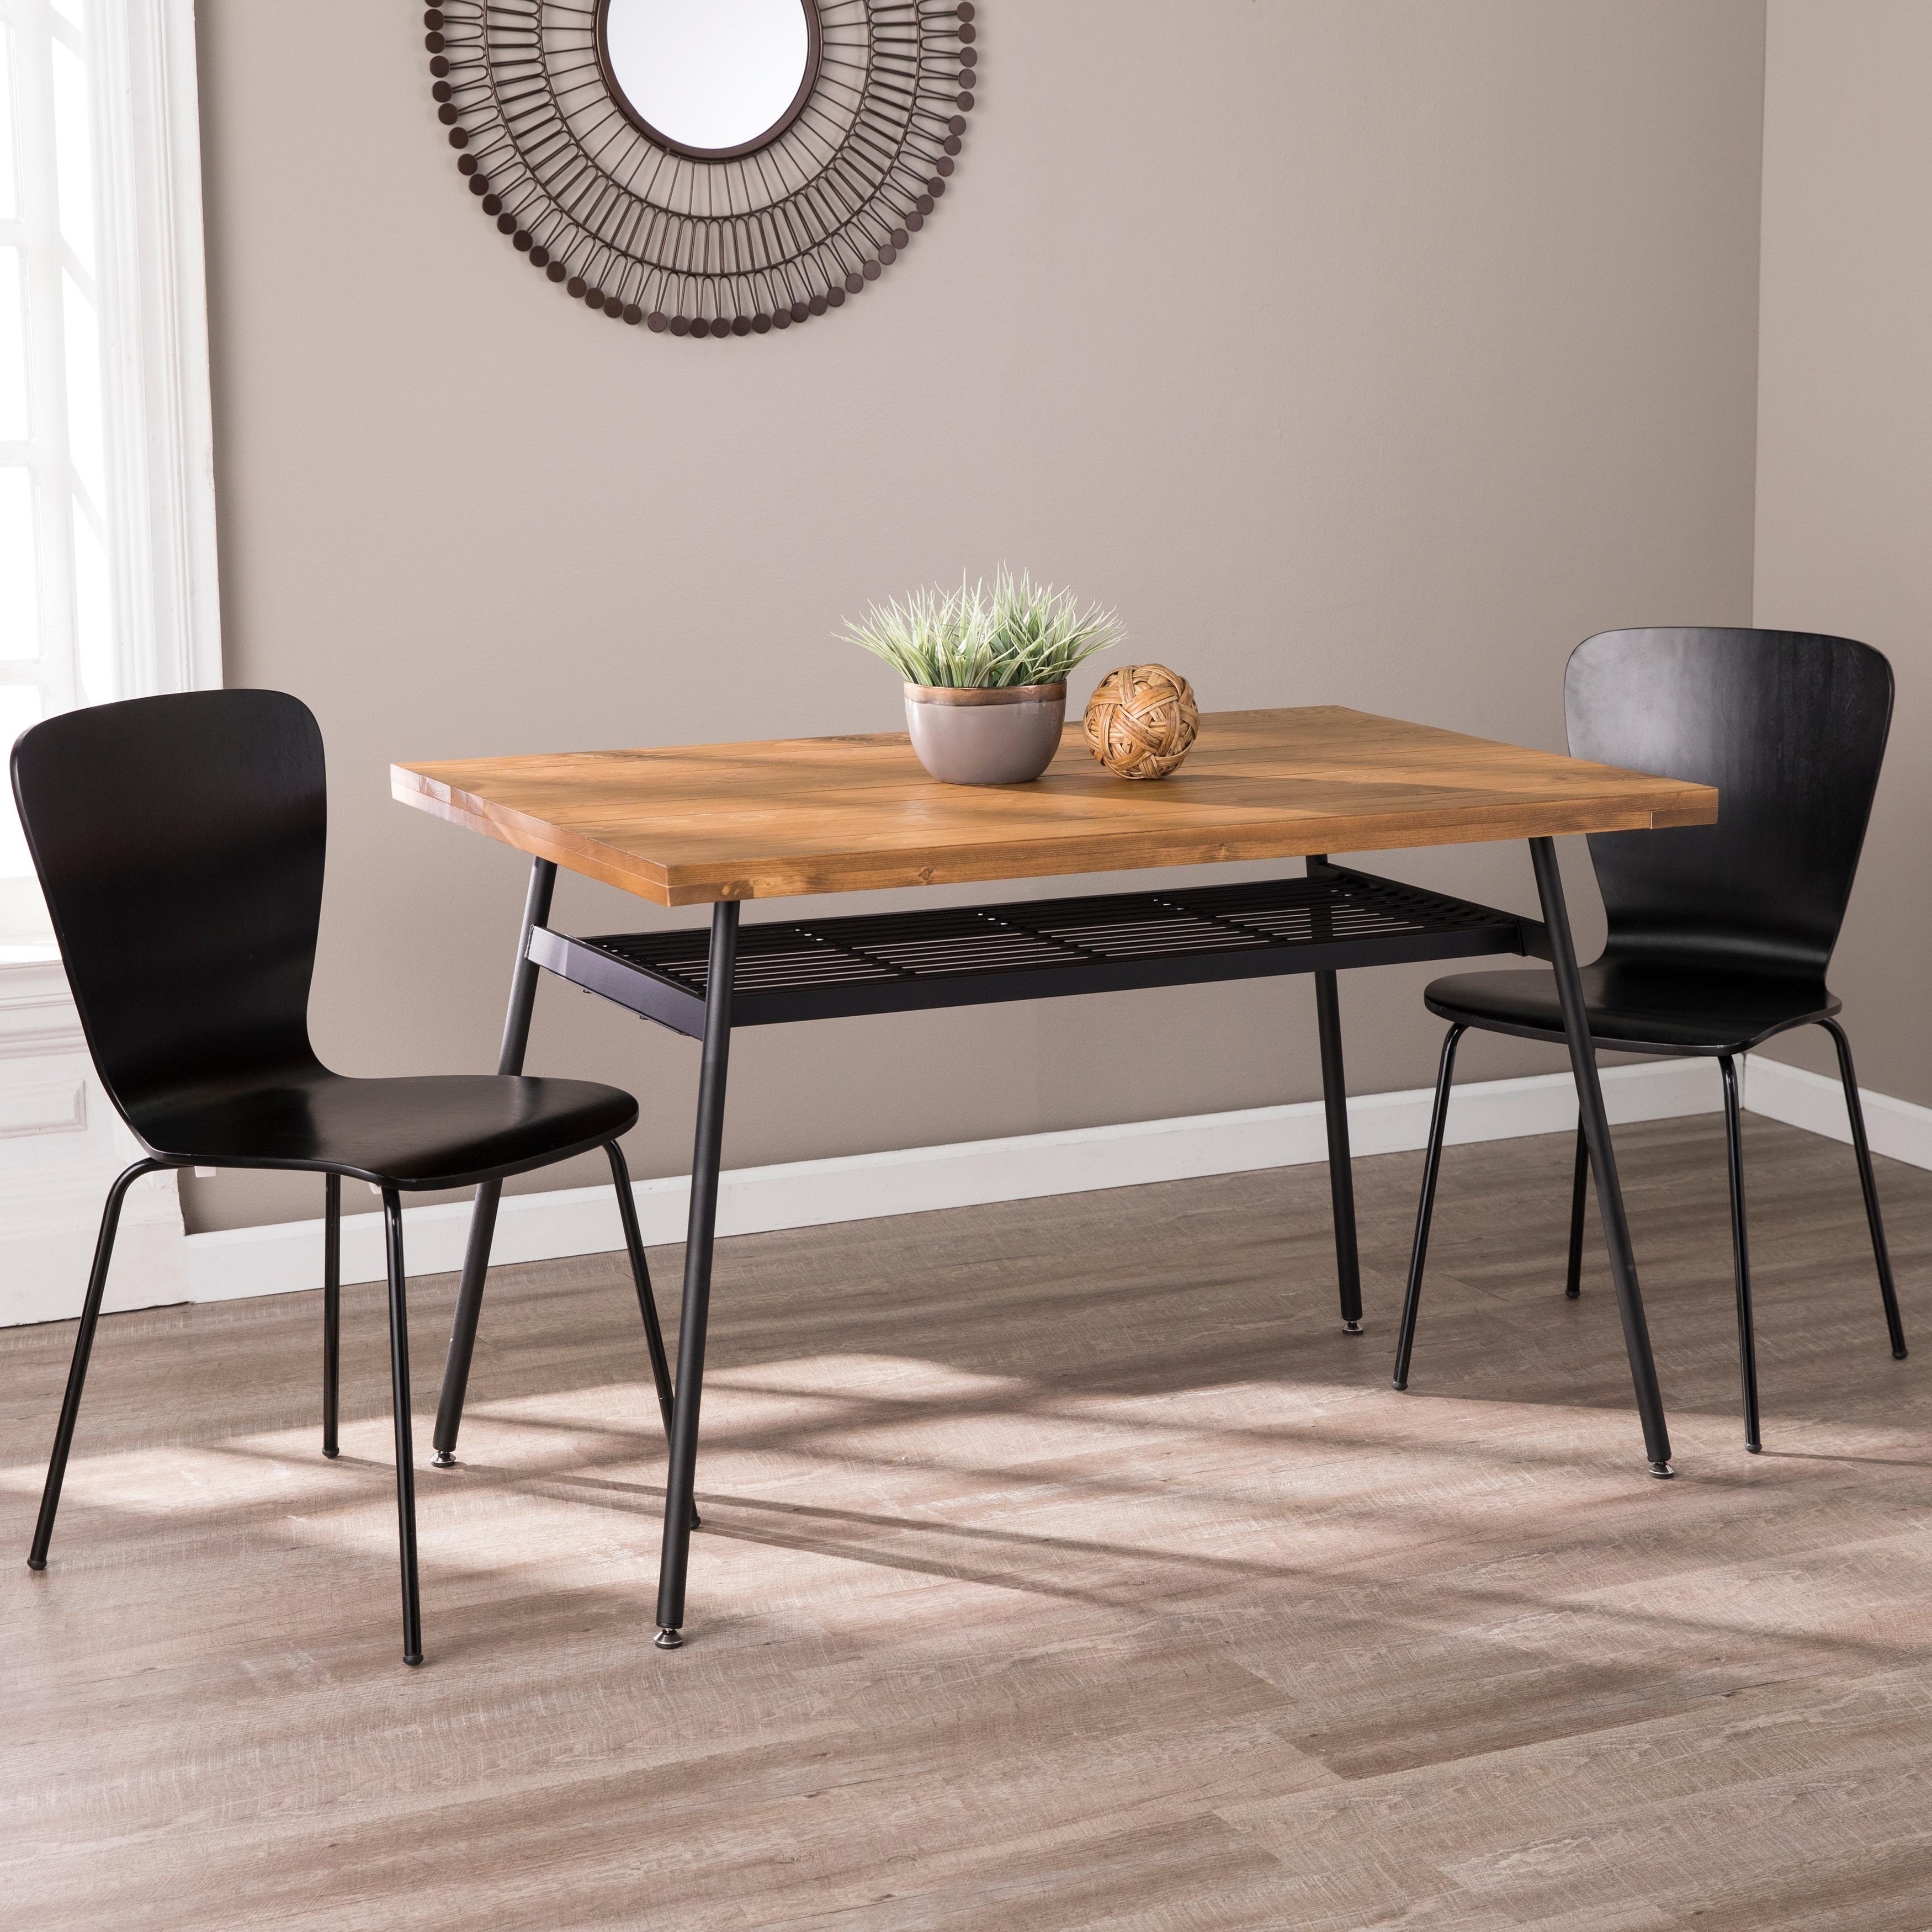 Carson Carrington Balamair Scandinavian Walnut Wood Dining Table - Natural  / Black